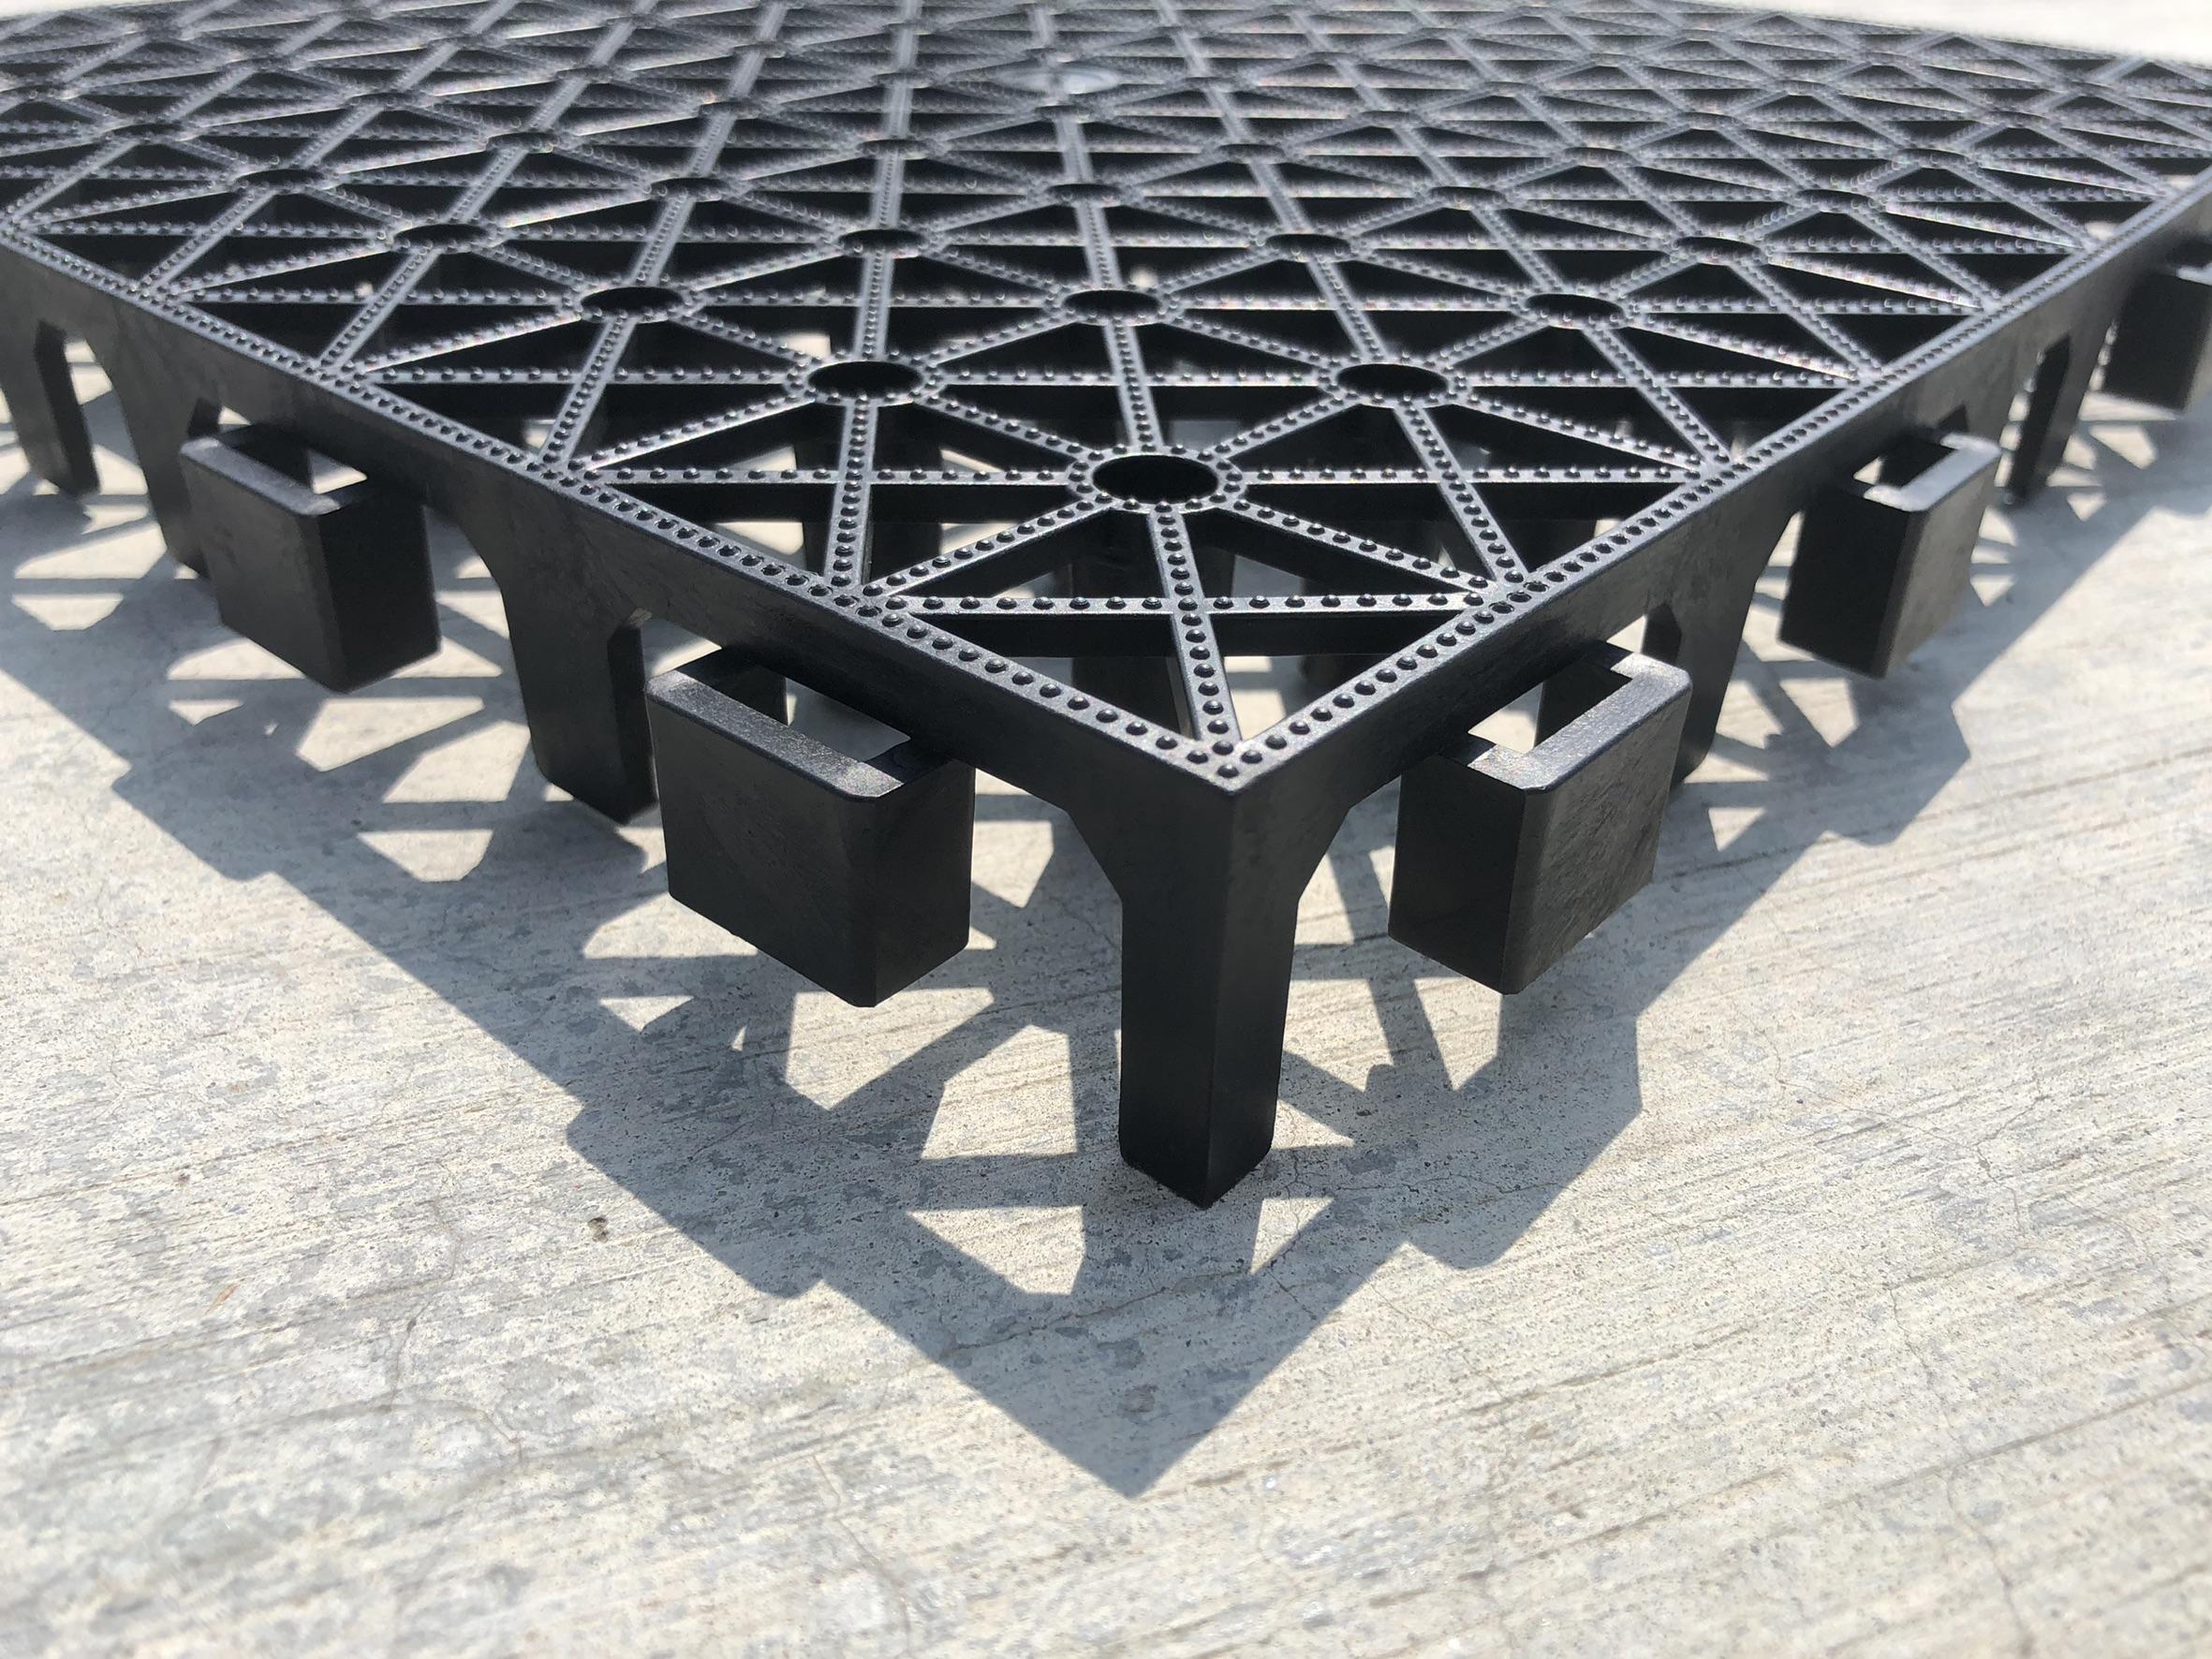 黃金屋地墊  30*30*3.2cm 塑膠棧板 置高墊 防潮墊 隔離墊 塑膠棧板 塑膠地墊 排水墊 排水板 DIY組裝